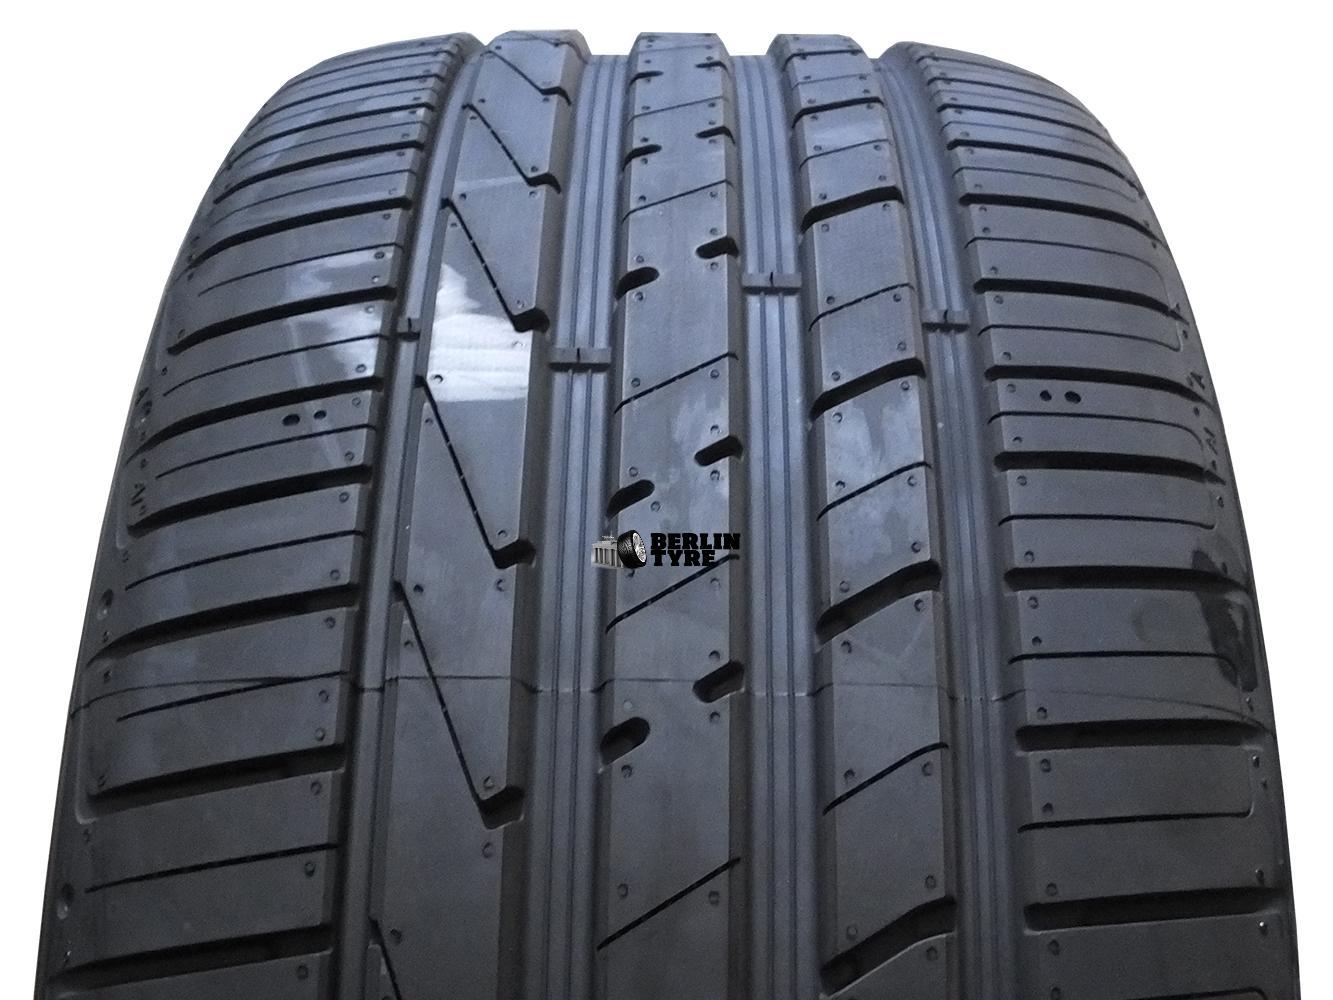 HANKOOK ventus s1 evo 2 suv k117c 255/55 R18 109V TL XL ROF HRS FP, letní pneu, osobní a SUV